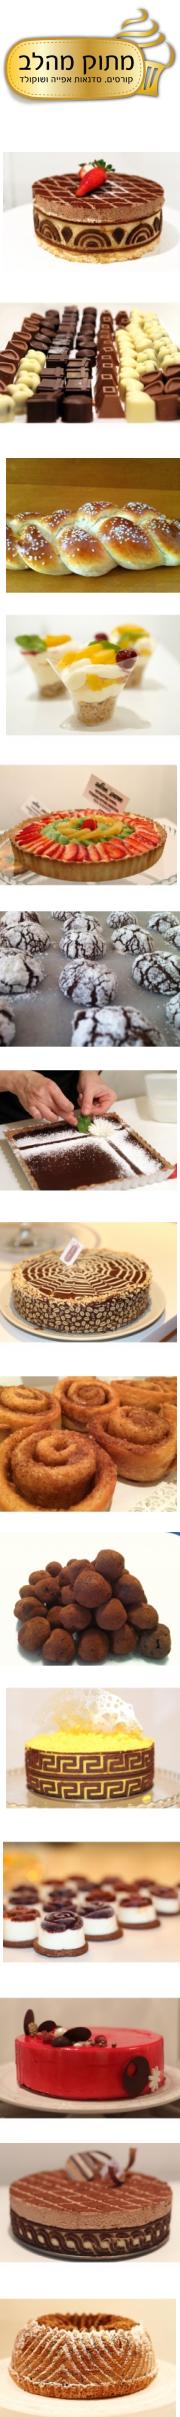 מתוק מהלב - קורסים סדנאות אפיה ושוקולד ביהוד - קורסים סדנאות אפיה  ושוקולד ביהוד